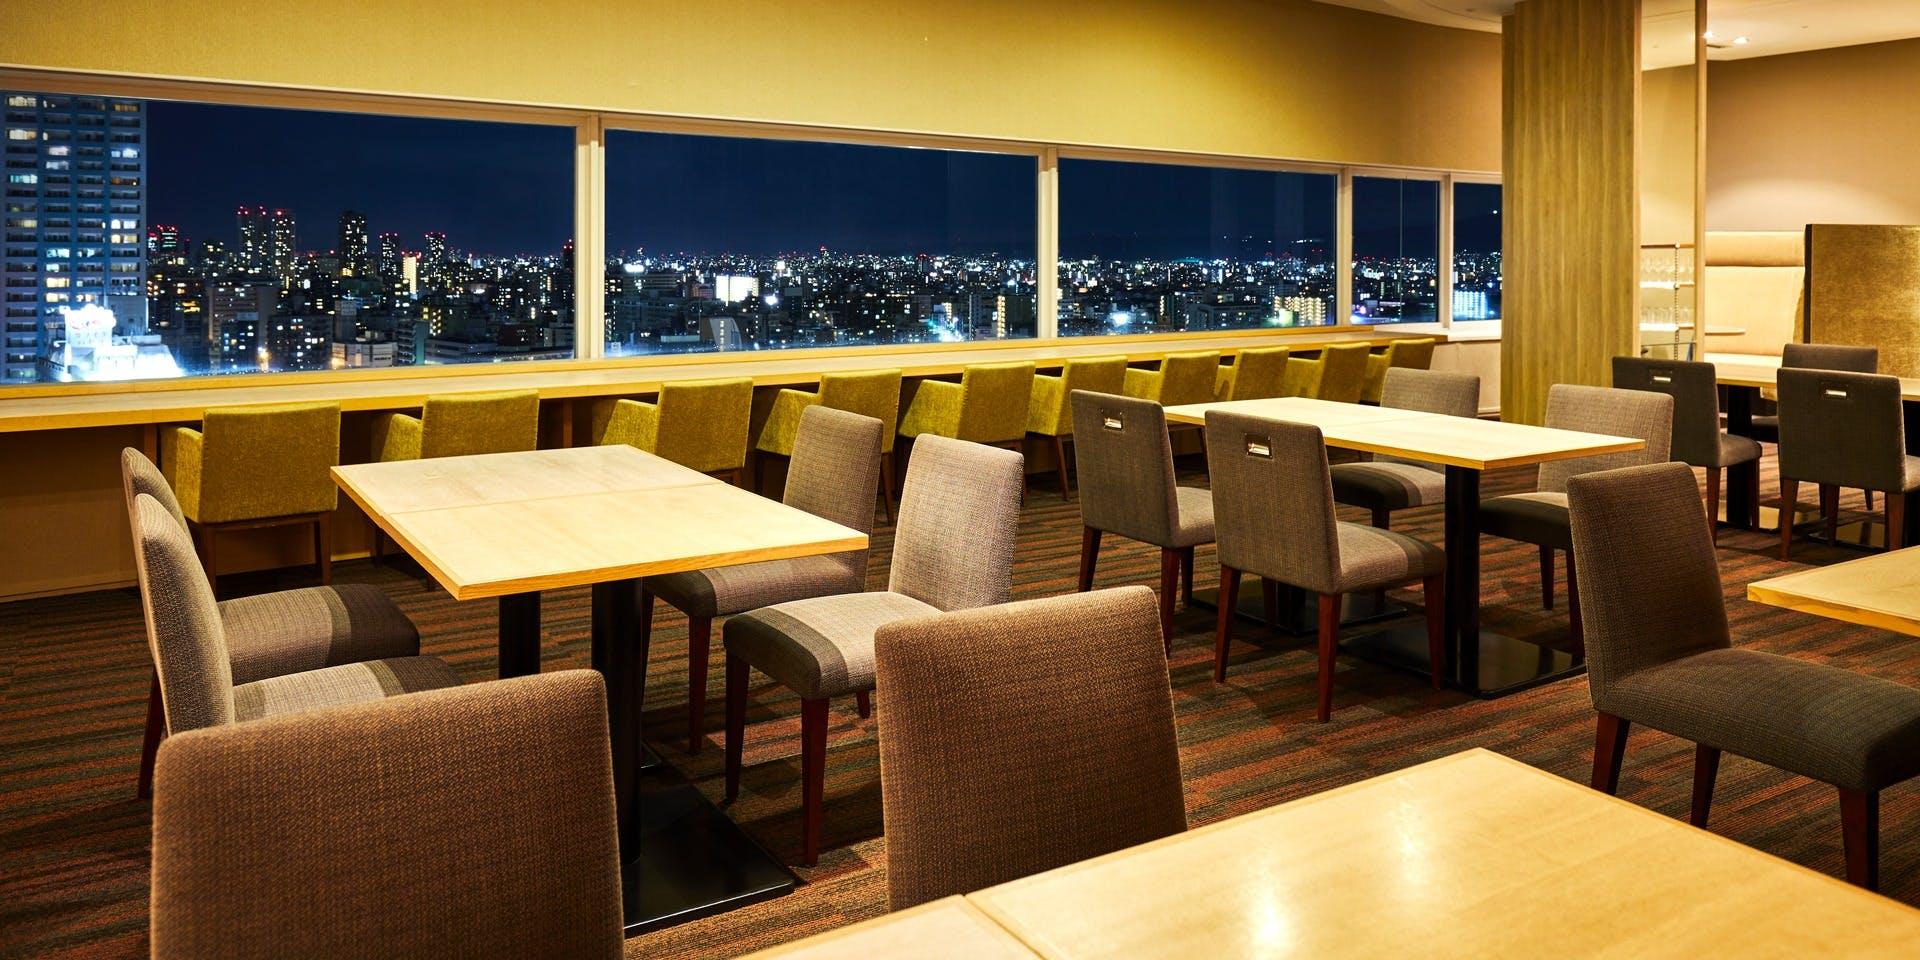 記念日におすすめのレストラン・スカイレストラン エトワール/都シティ 大阪天王寺の写真1